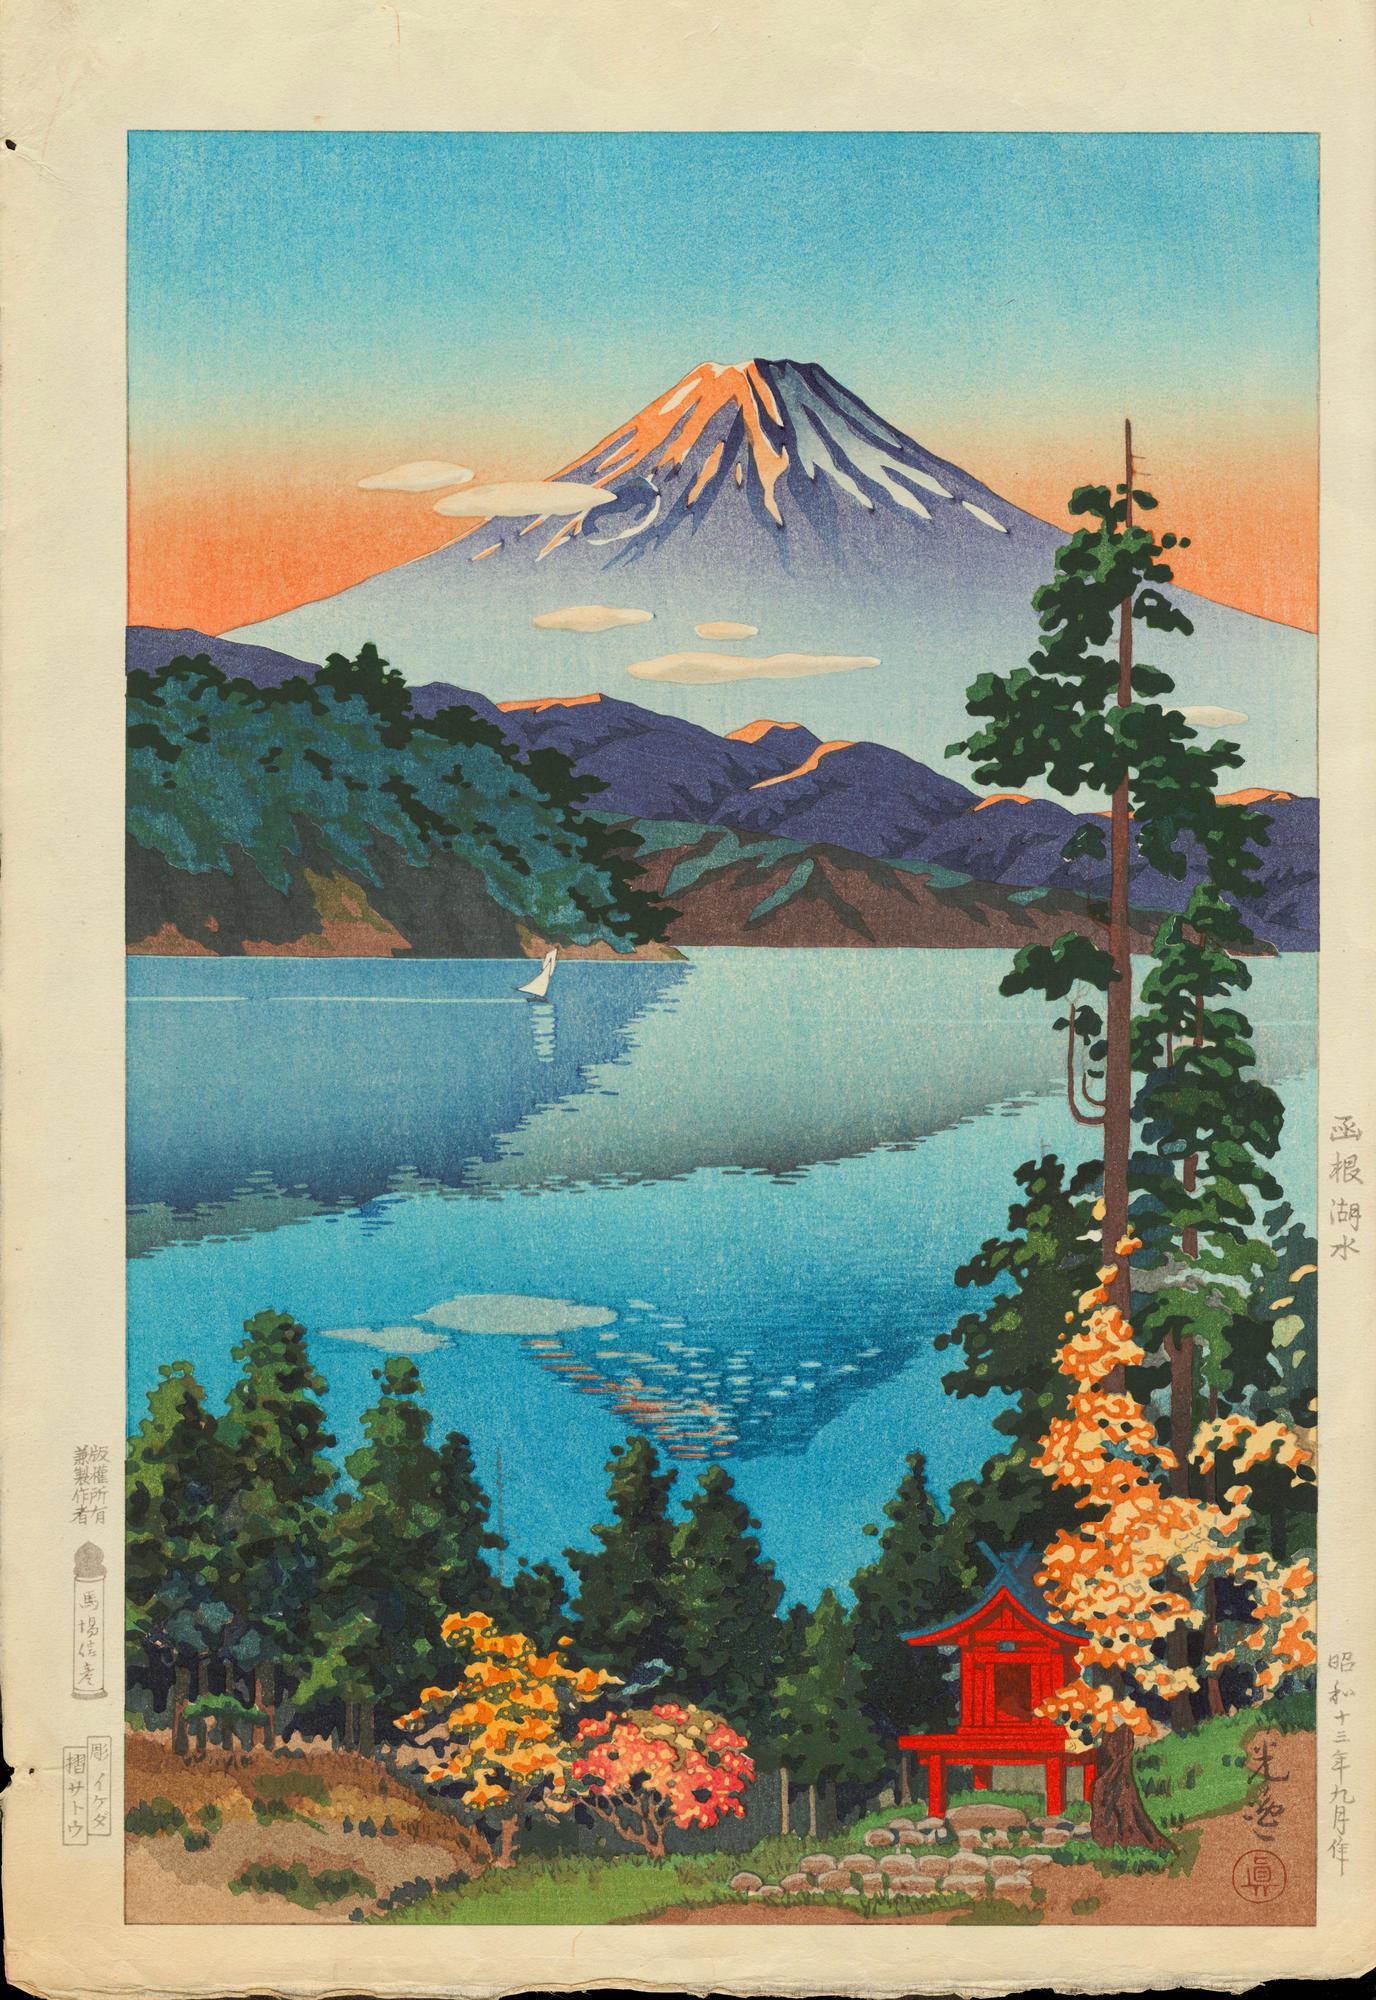 Tsuchiya Koitsu Lake Ashi in the Hakone Hills in Early Autumn 010983 01 12 2011 10983